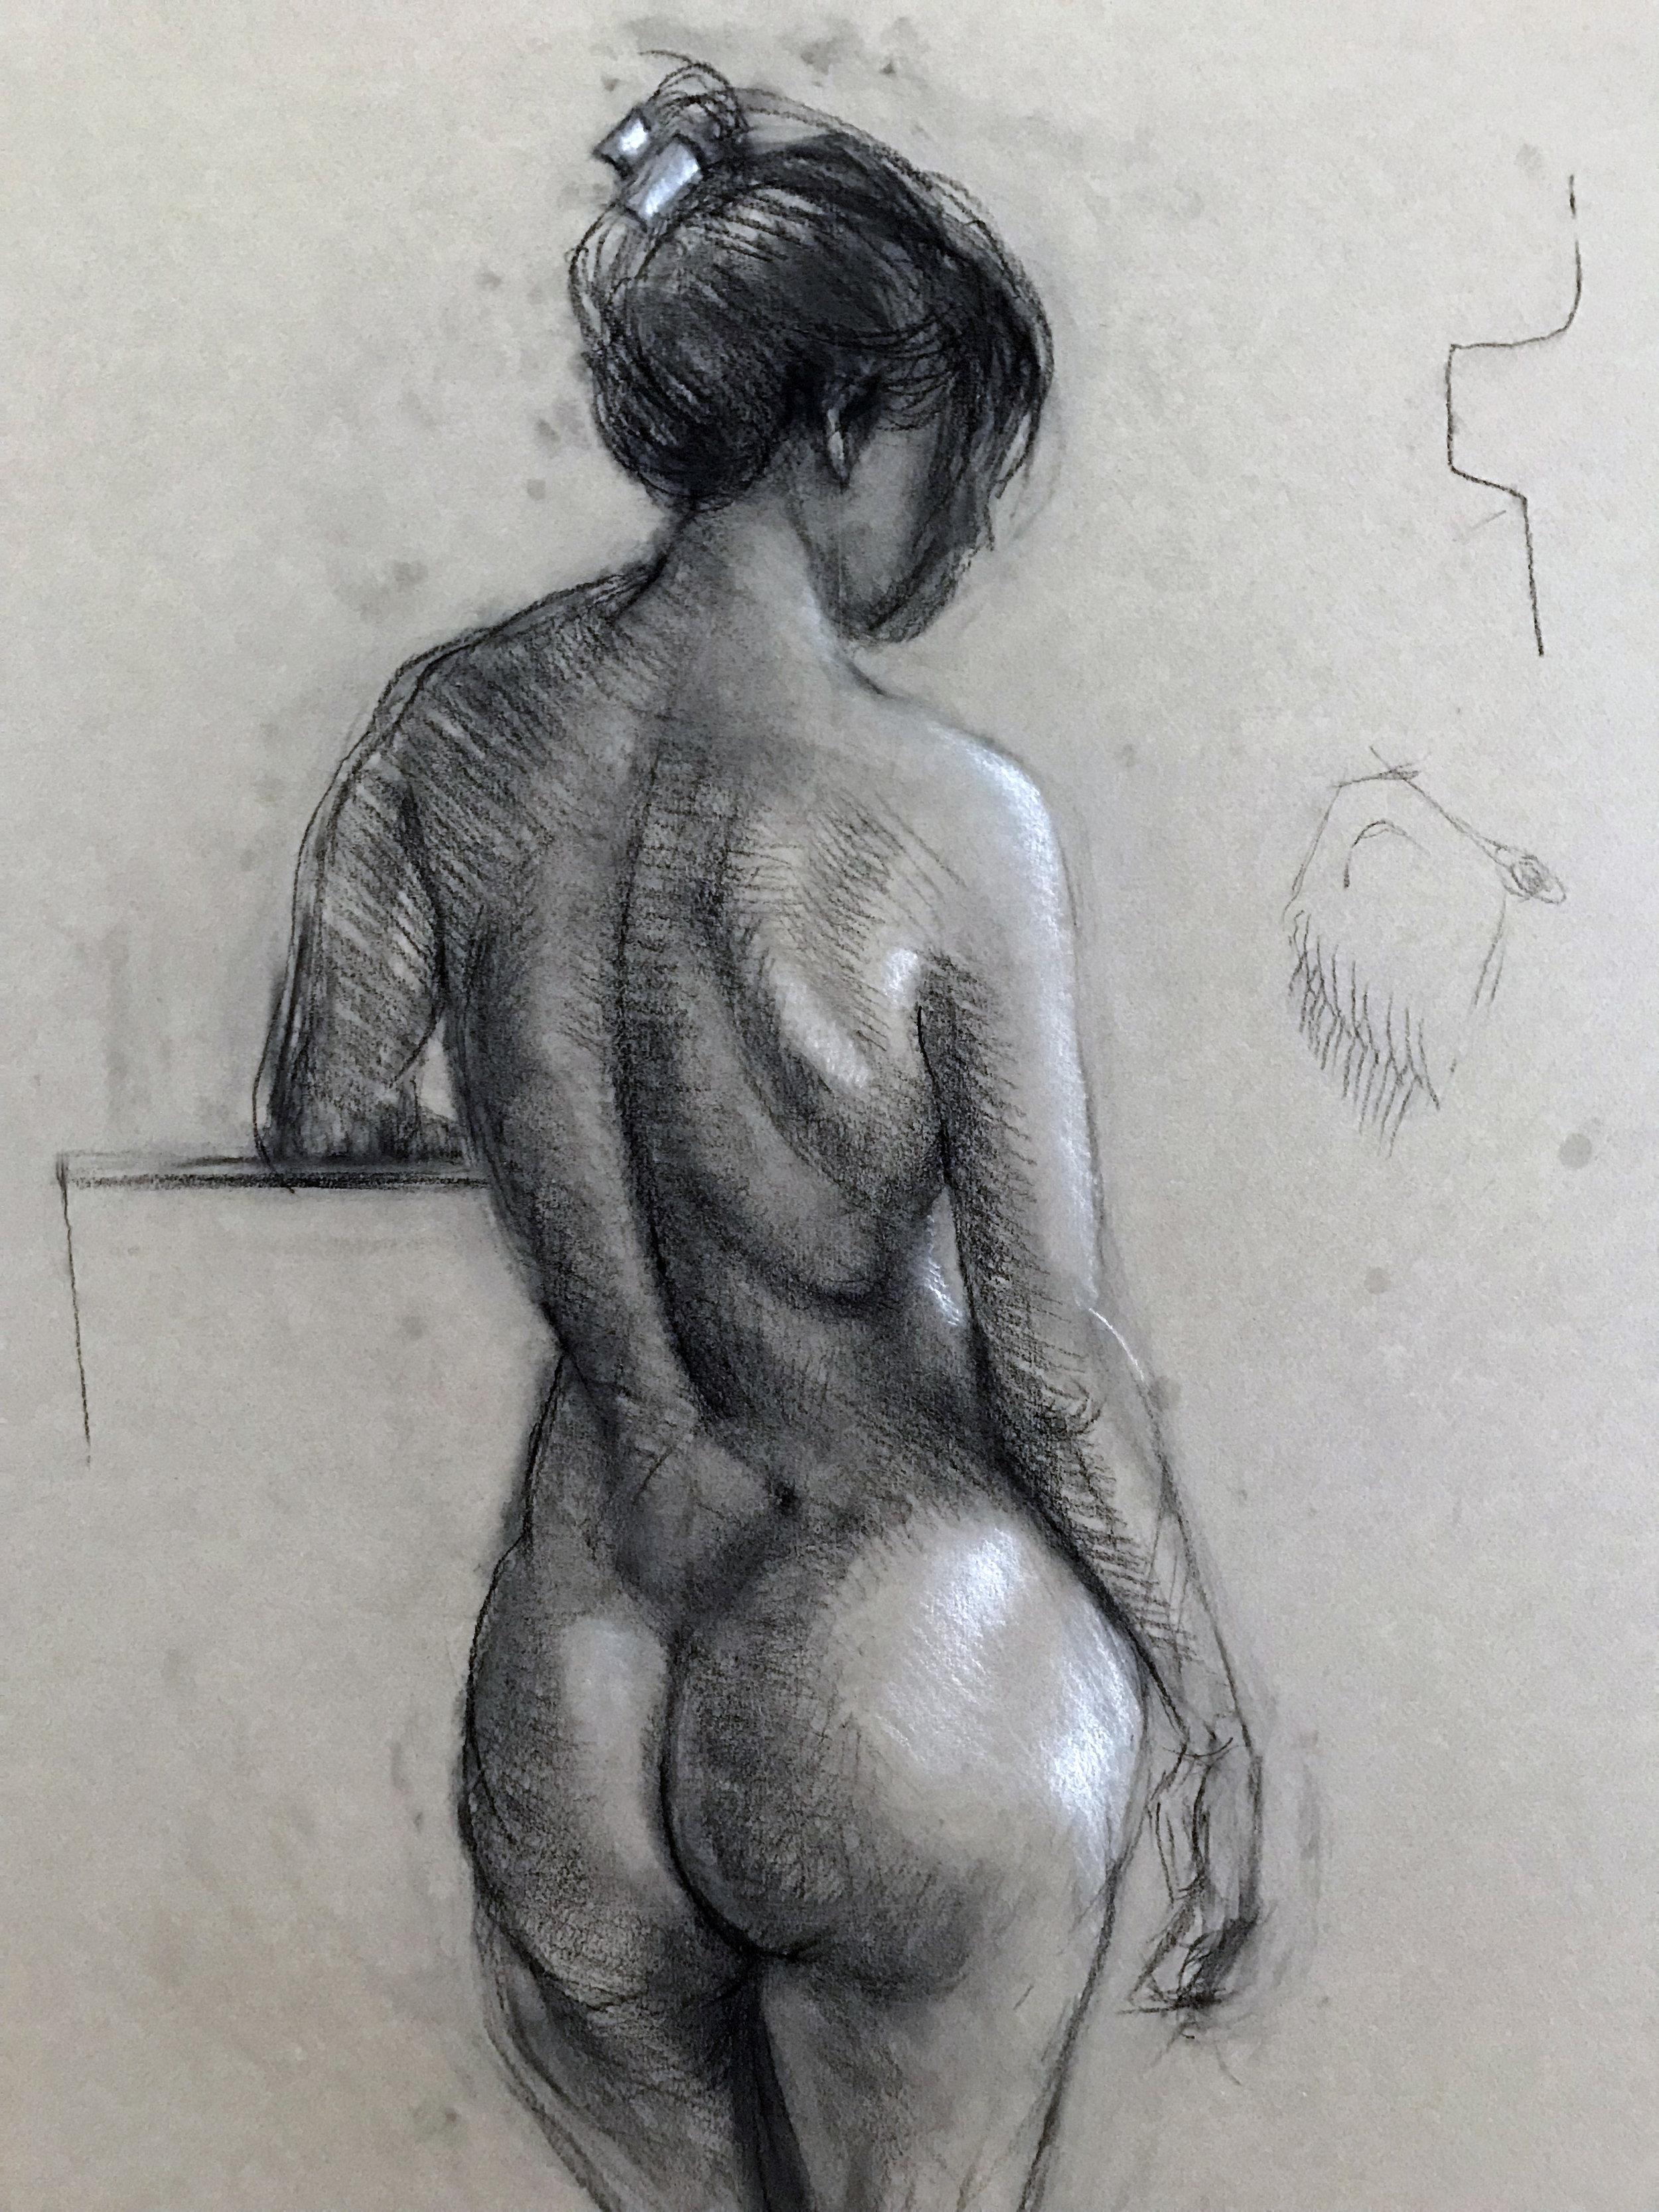 Figure Study #1